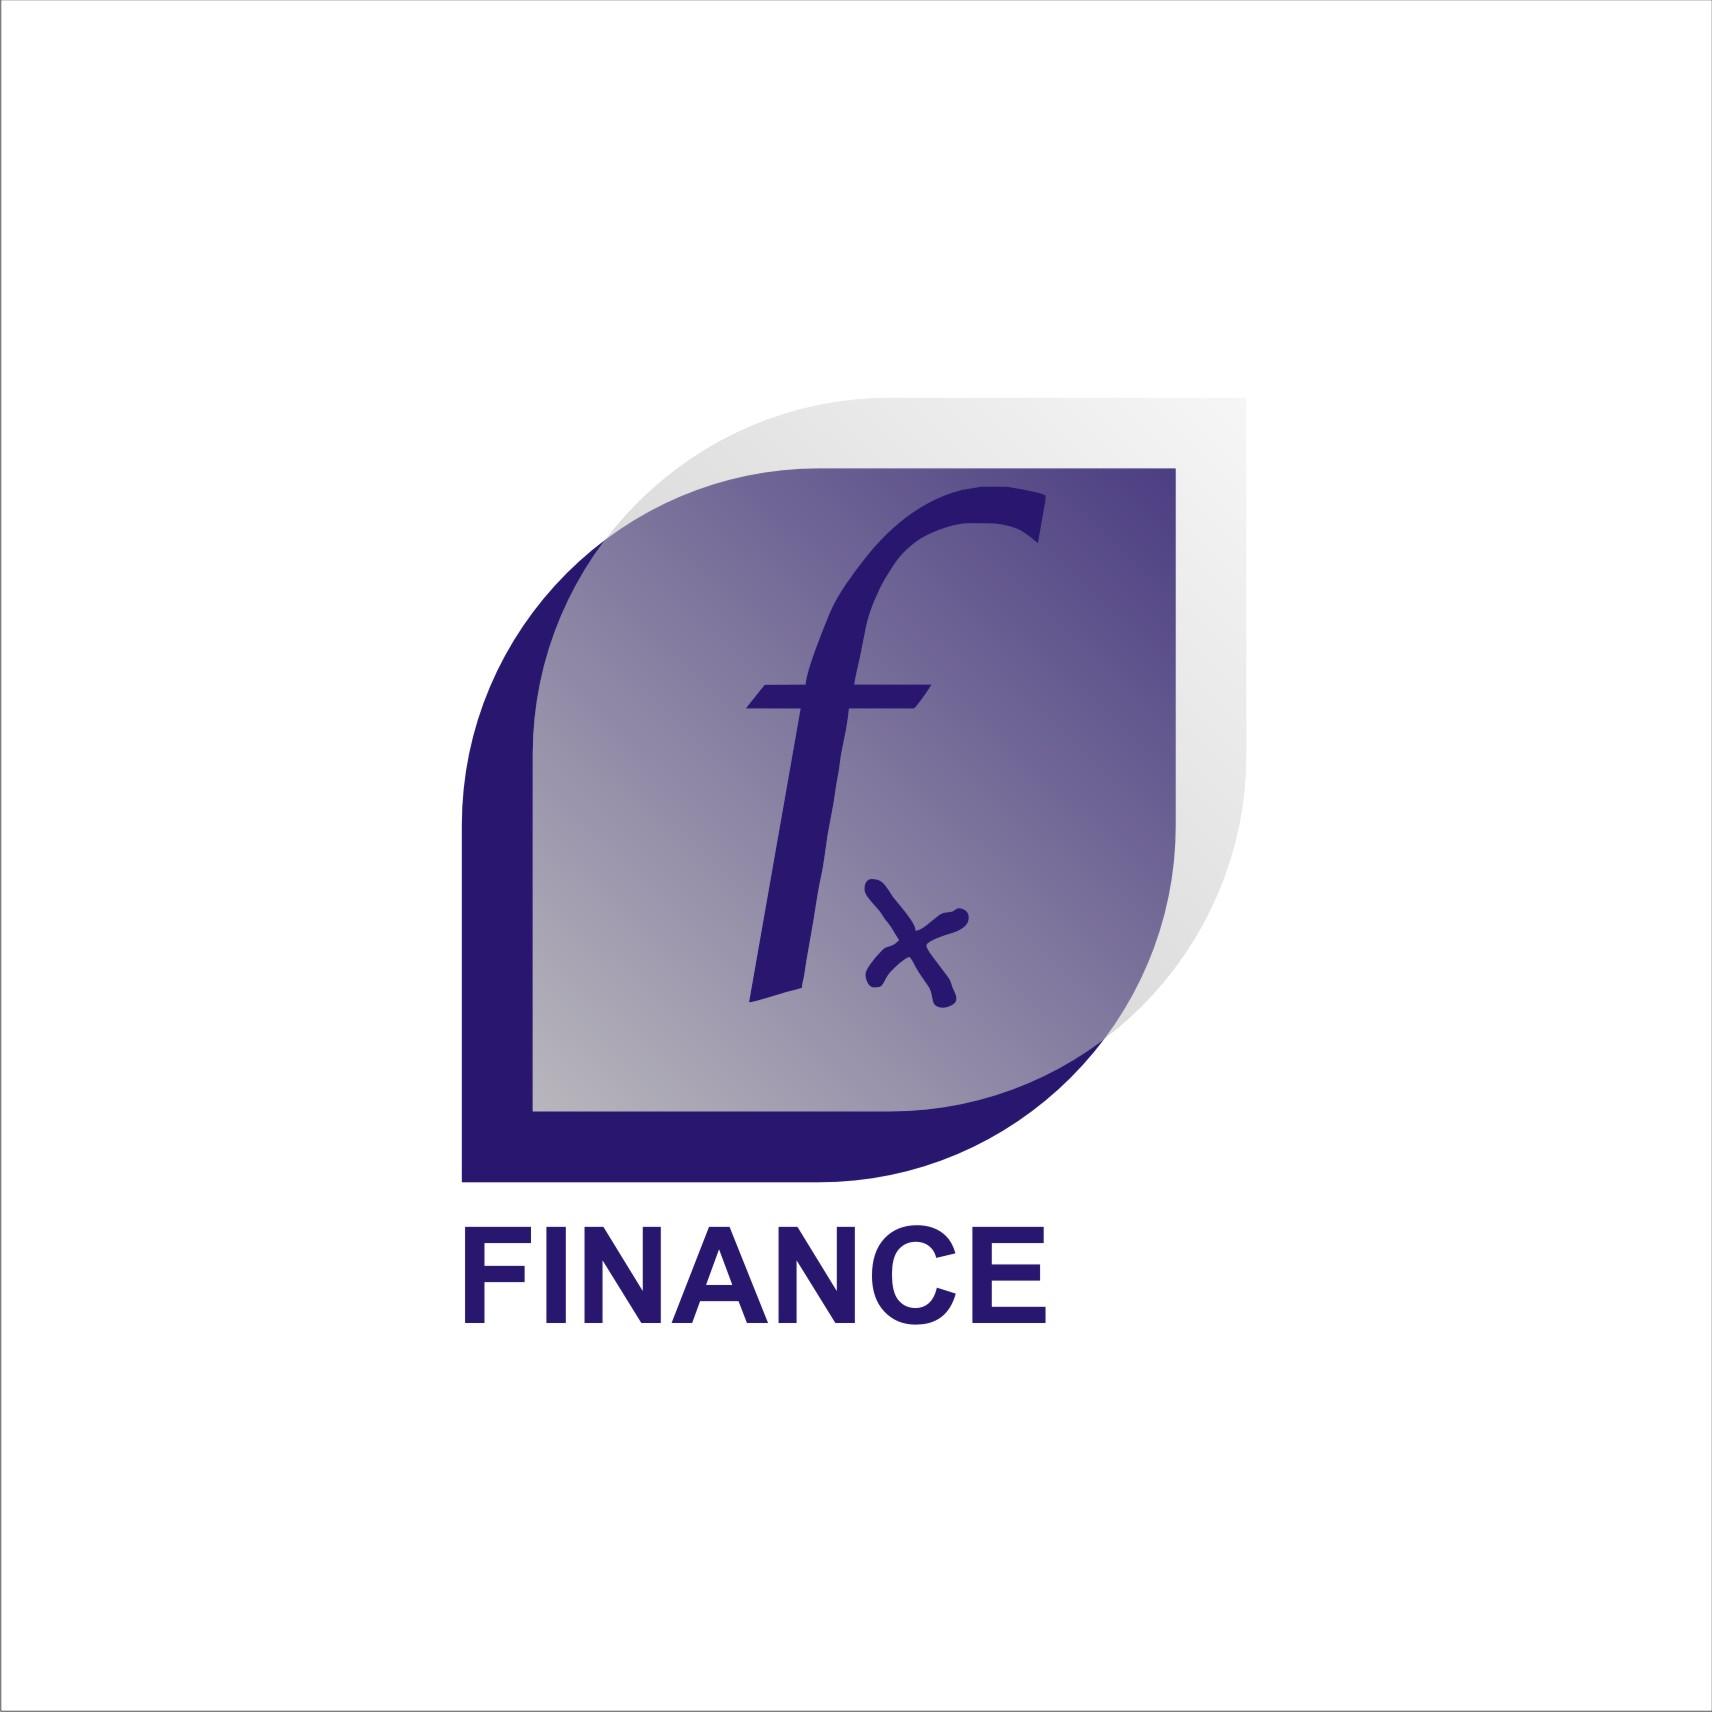 Разработка логотипа для компании FxFinance фото f_61051123bff1edb2.jpg